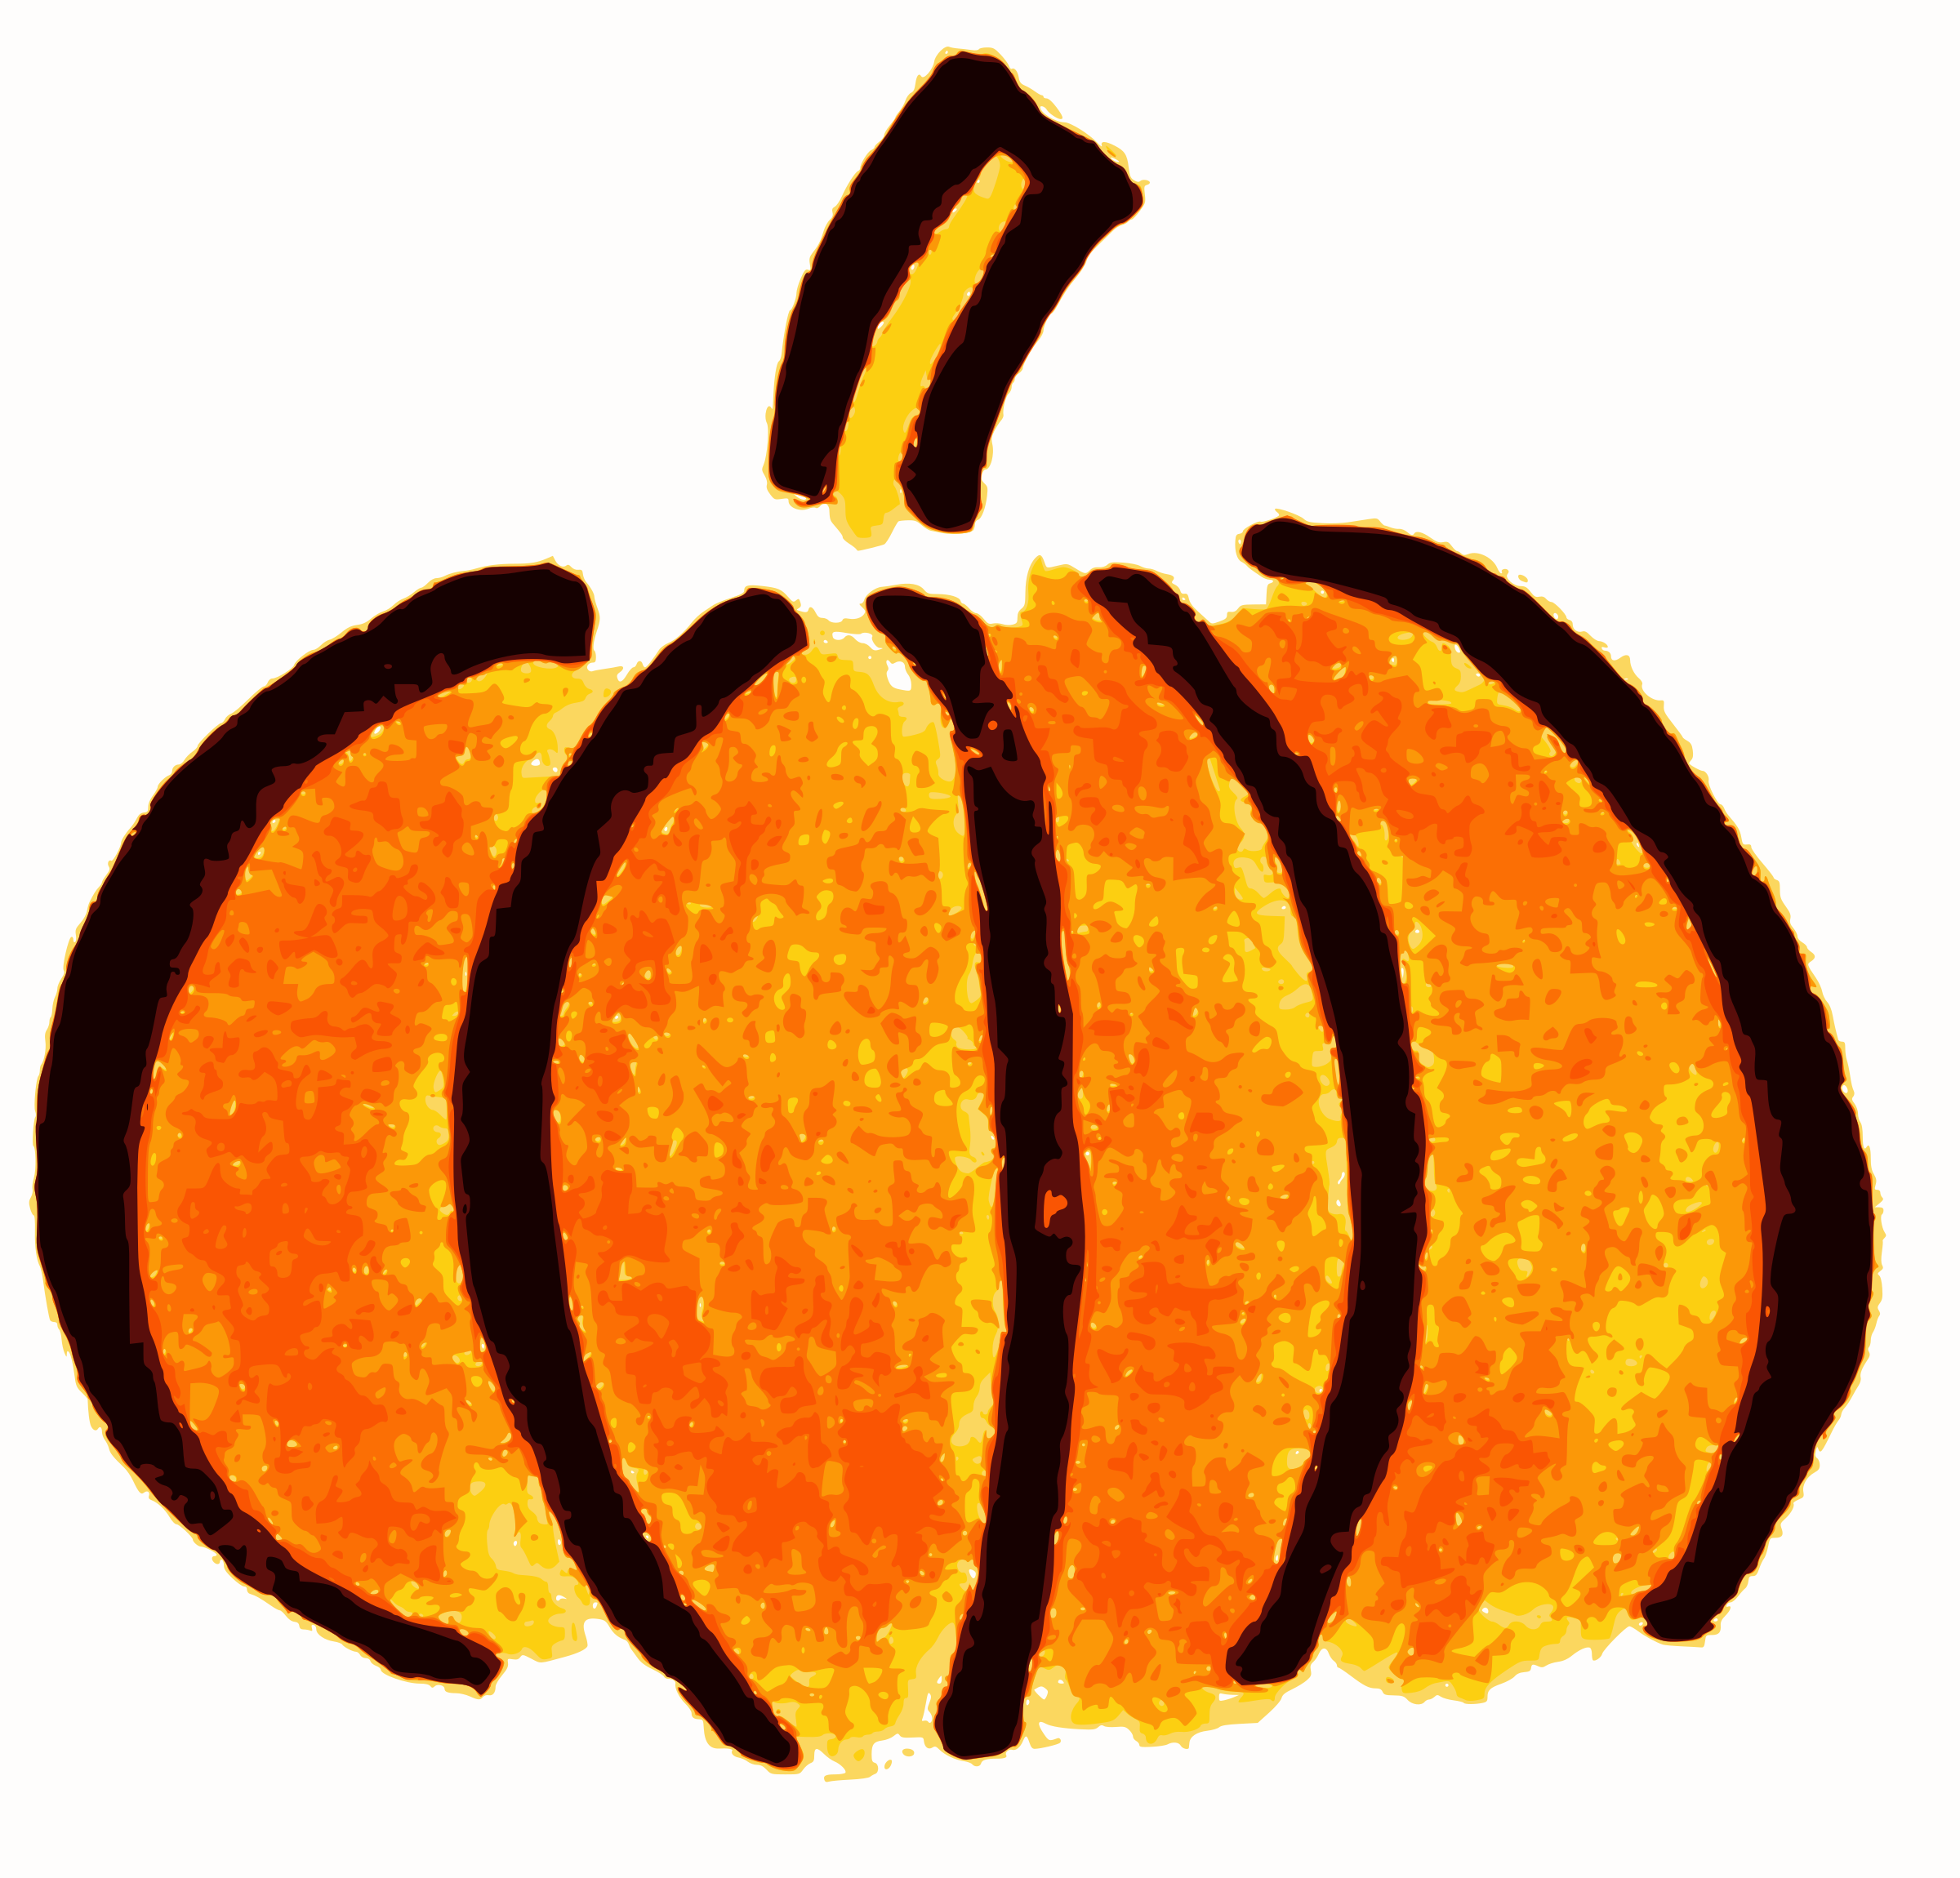 Drawn pumpkin plain Clipart Clipart clipart Hand drawn